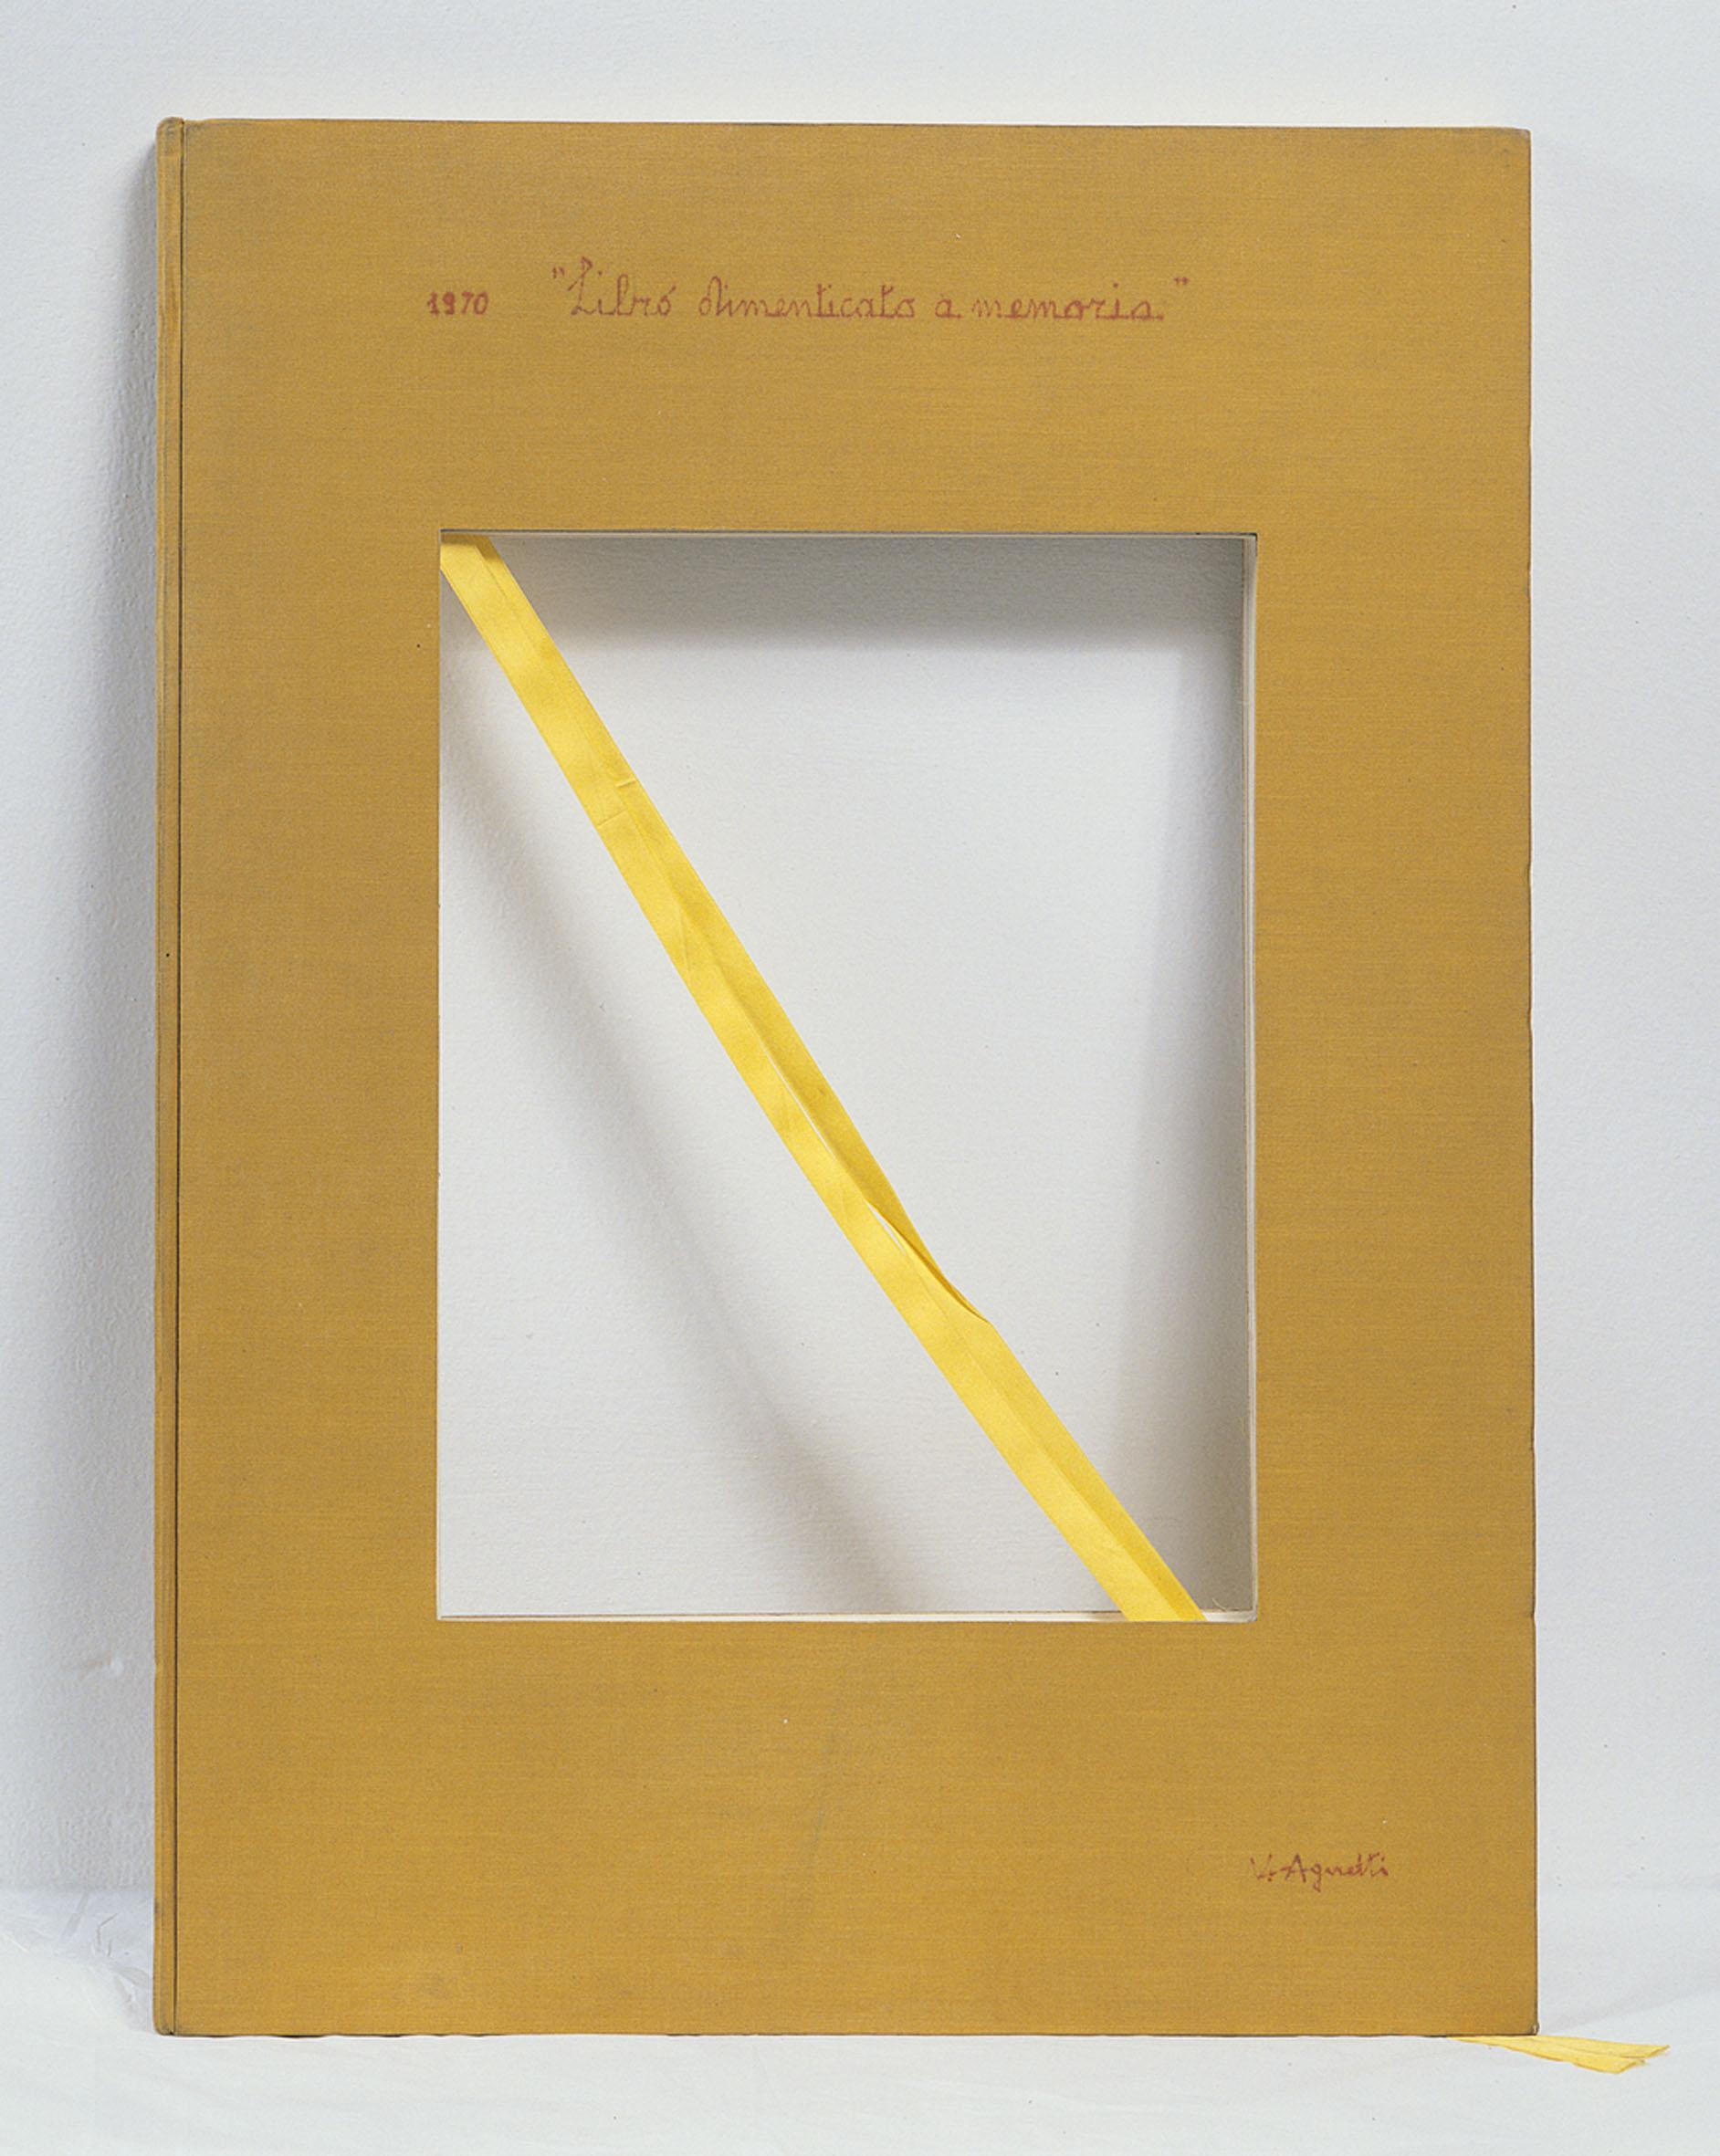 Libro dimenticato a memoria, 1970, libro fustellato al centro con copertina in tela, 70 x 50 cm, Archivio Vincenzo Agnetti, Milano